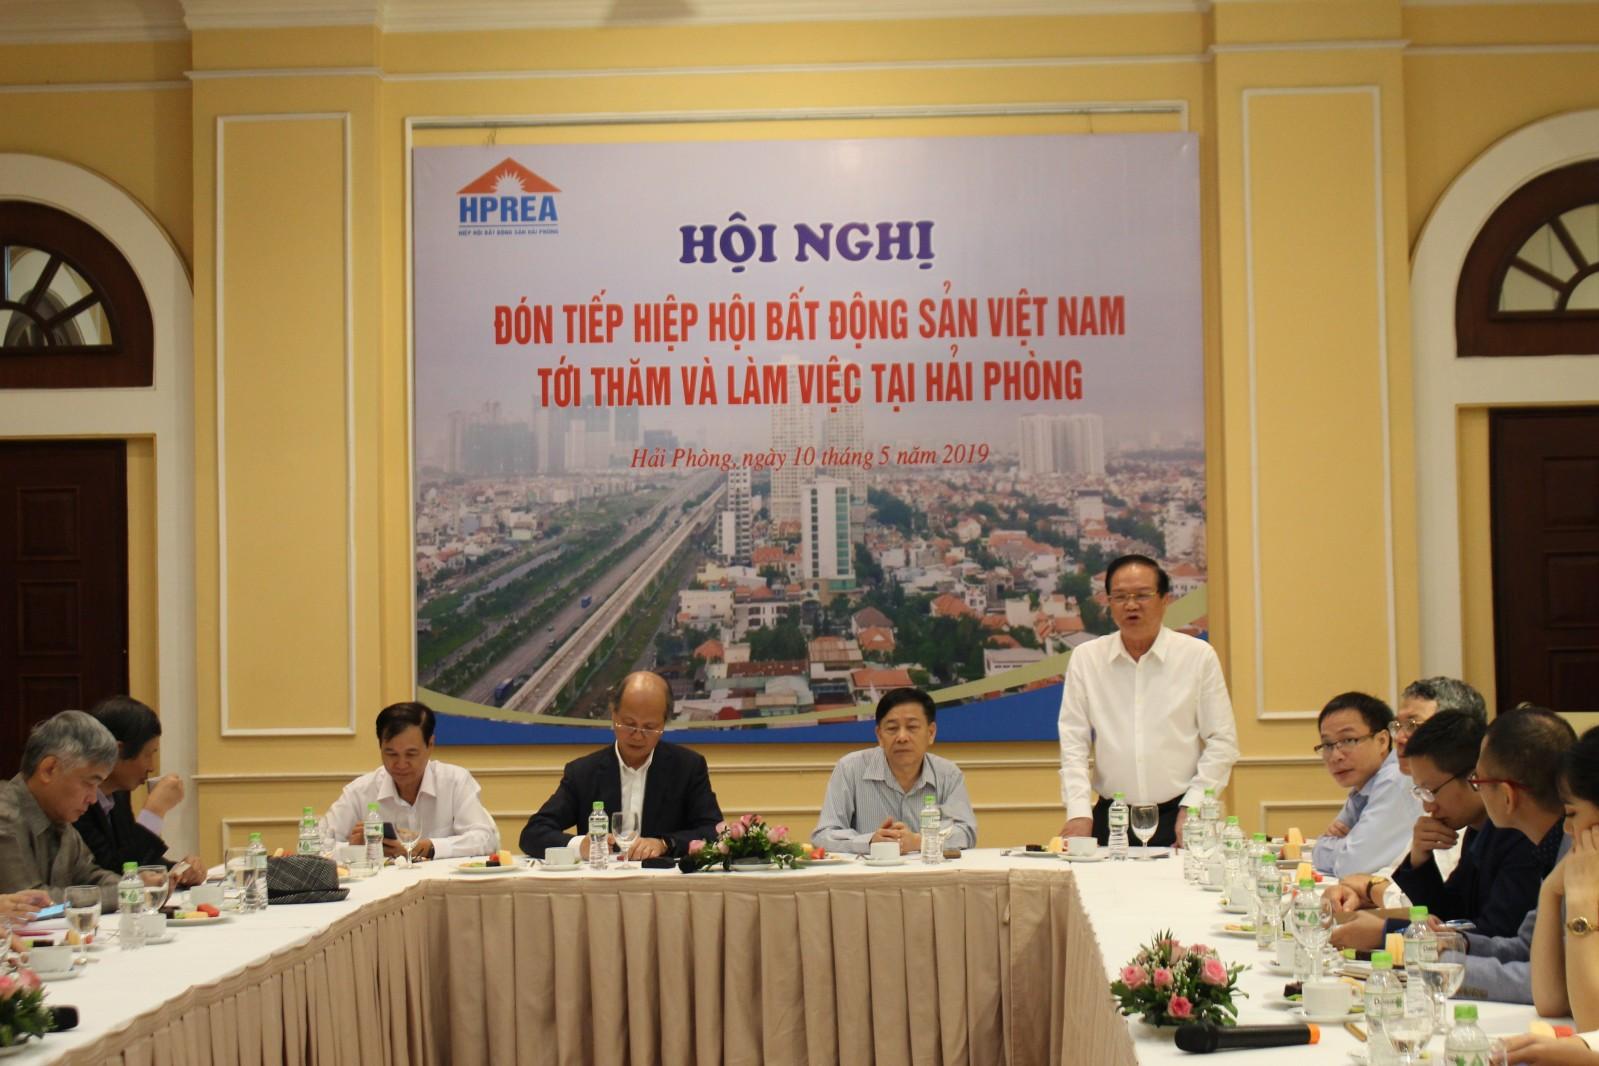 Ông Nguyễn Ngọc Thành chia sẻ tại buổi làm việc về thị trường bất động sản Hải Phòng